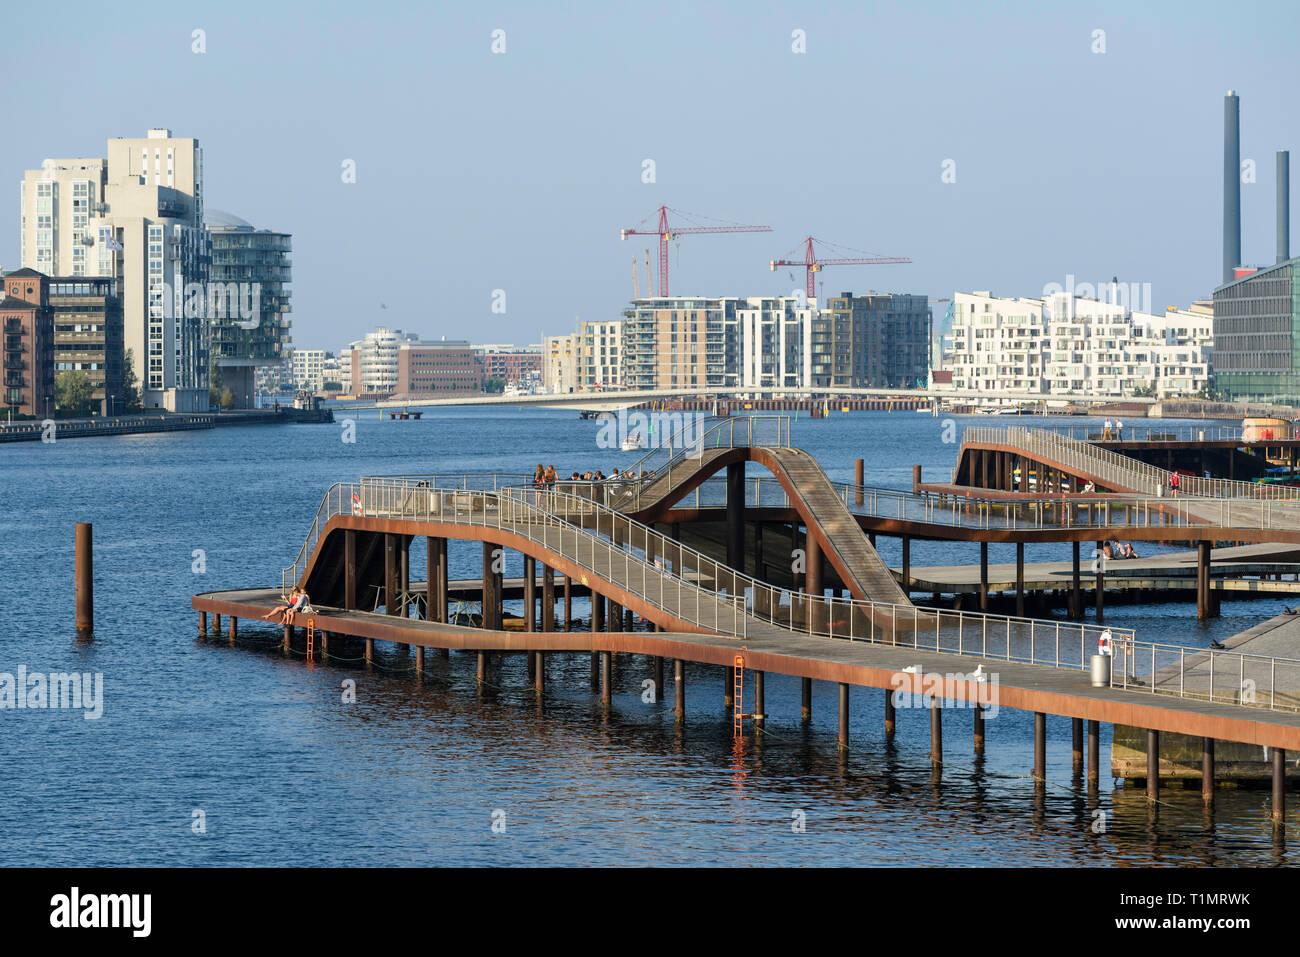 Copenhagen. Denmark. Kalvebod Bølge (Kalvebod Wave), harbour front promenade on Kalvebod Brygge waterfront.  The Kalvebod Wave was designed by JDS Arc - Stock Image